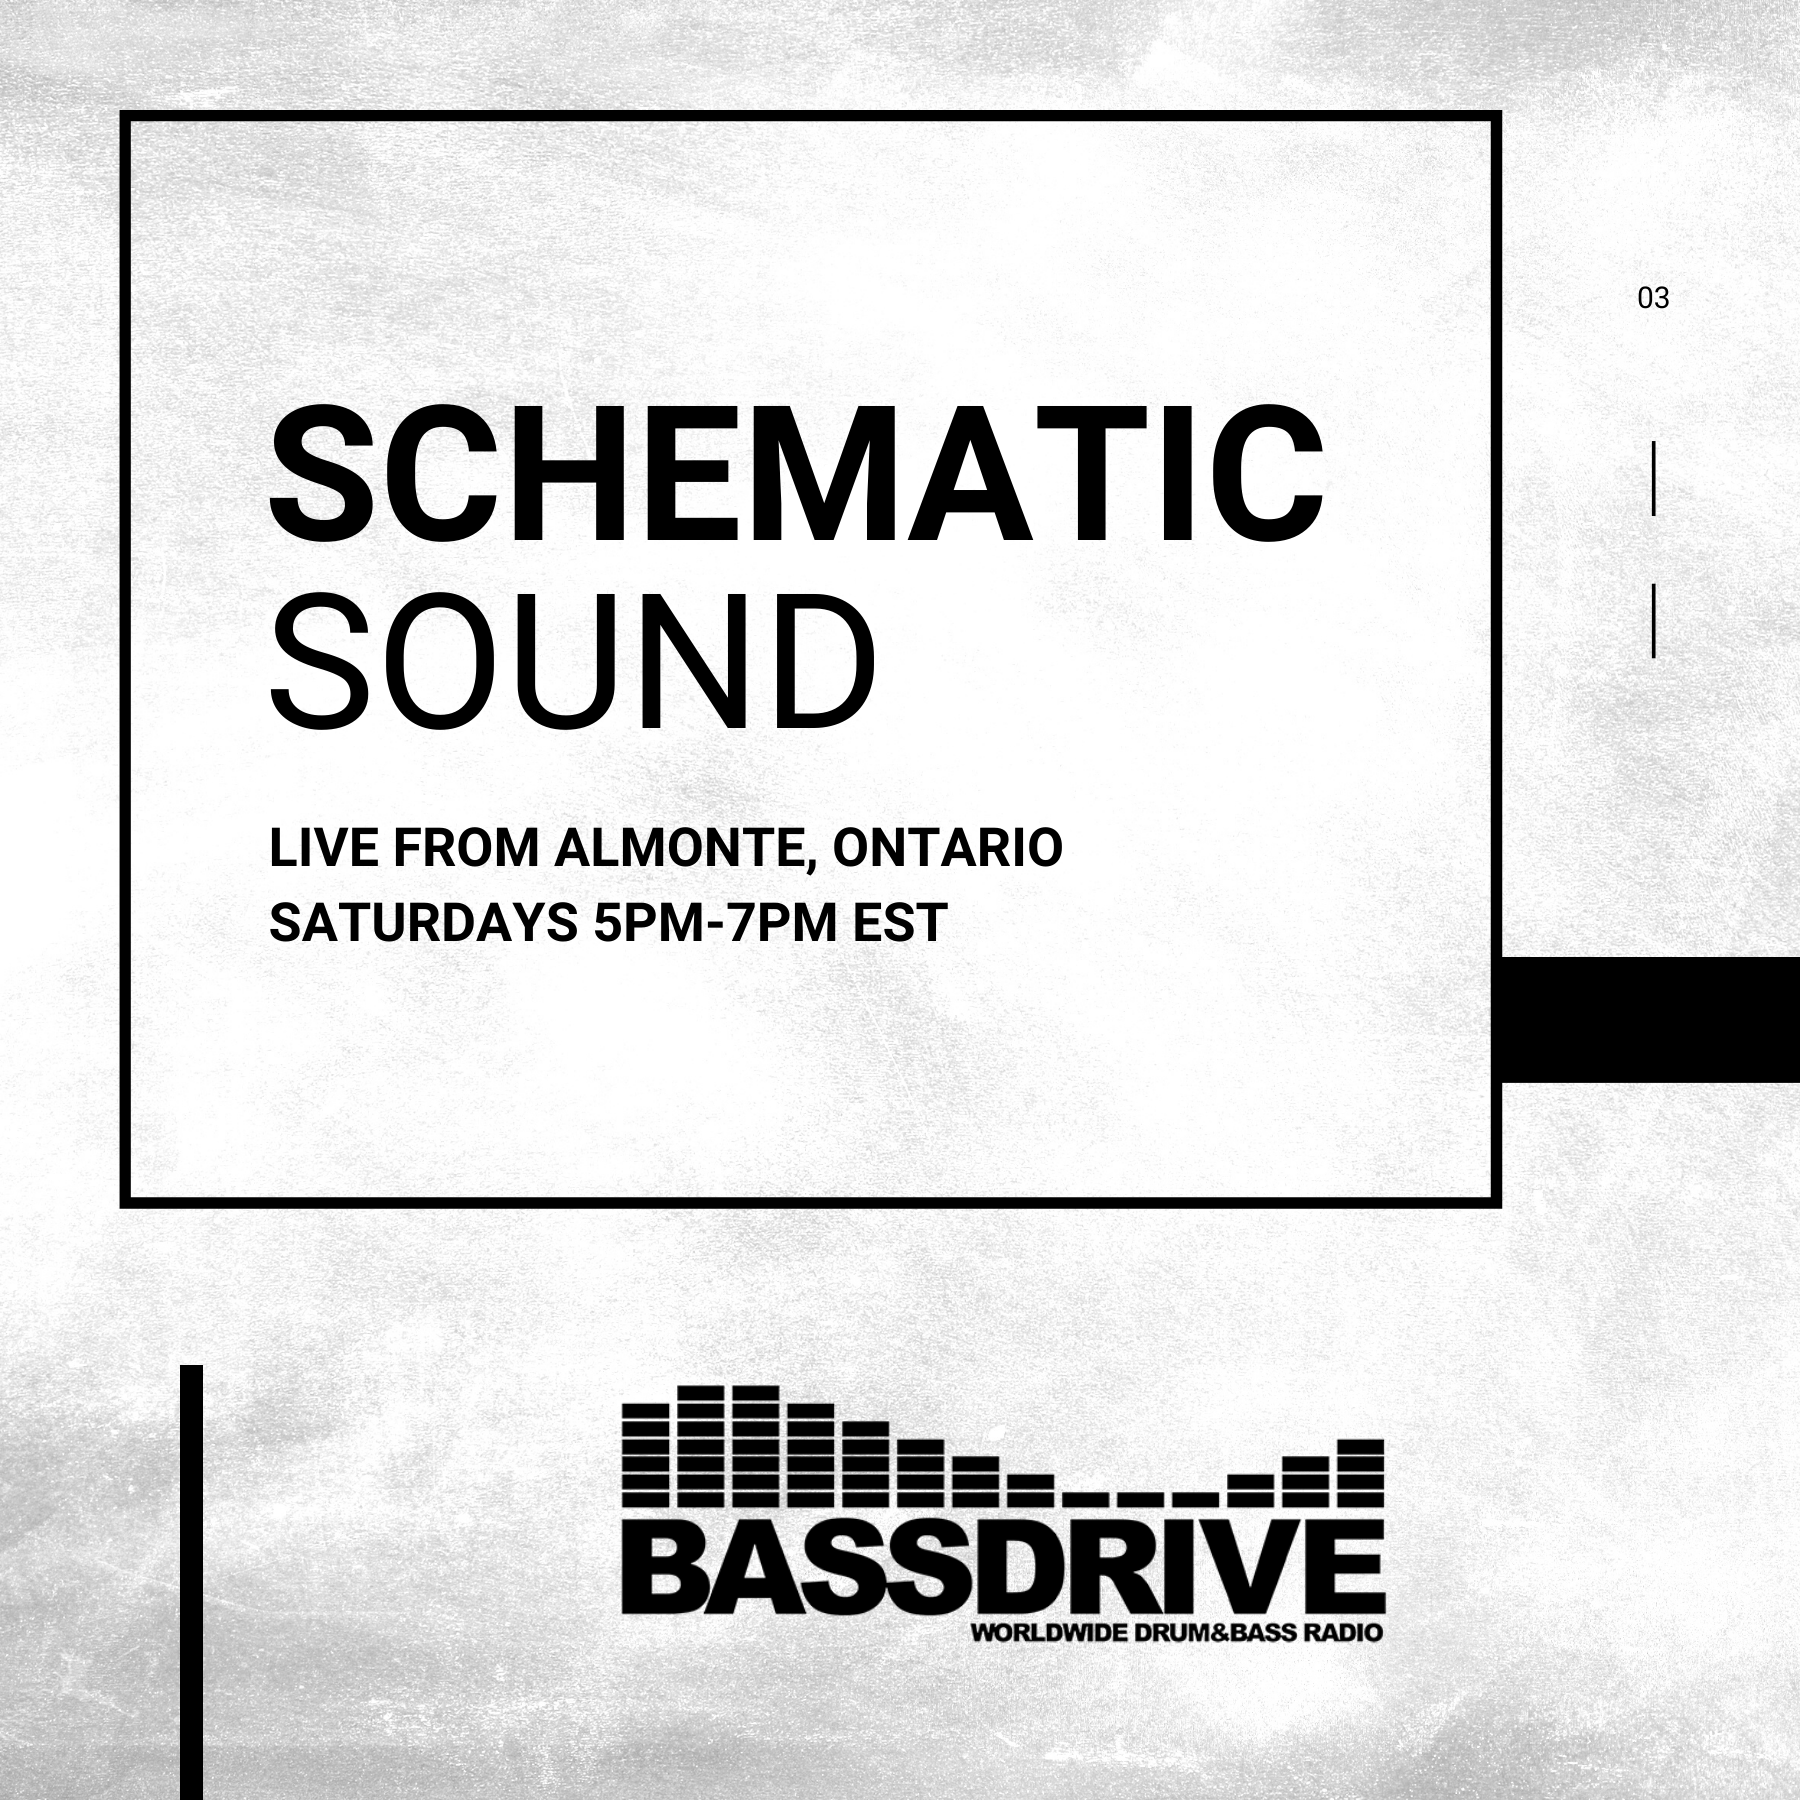 Schematic Sound LIVE on Bassdrive 03-21-2020